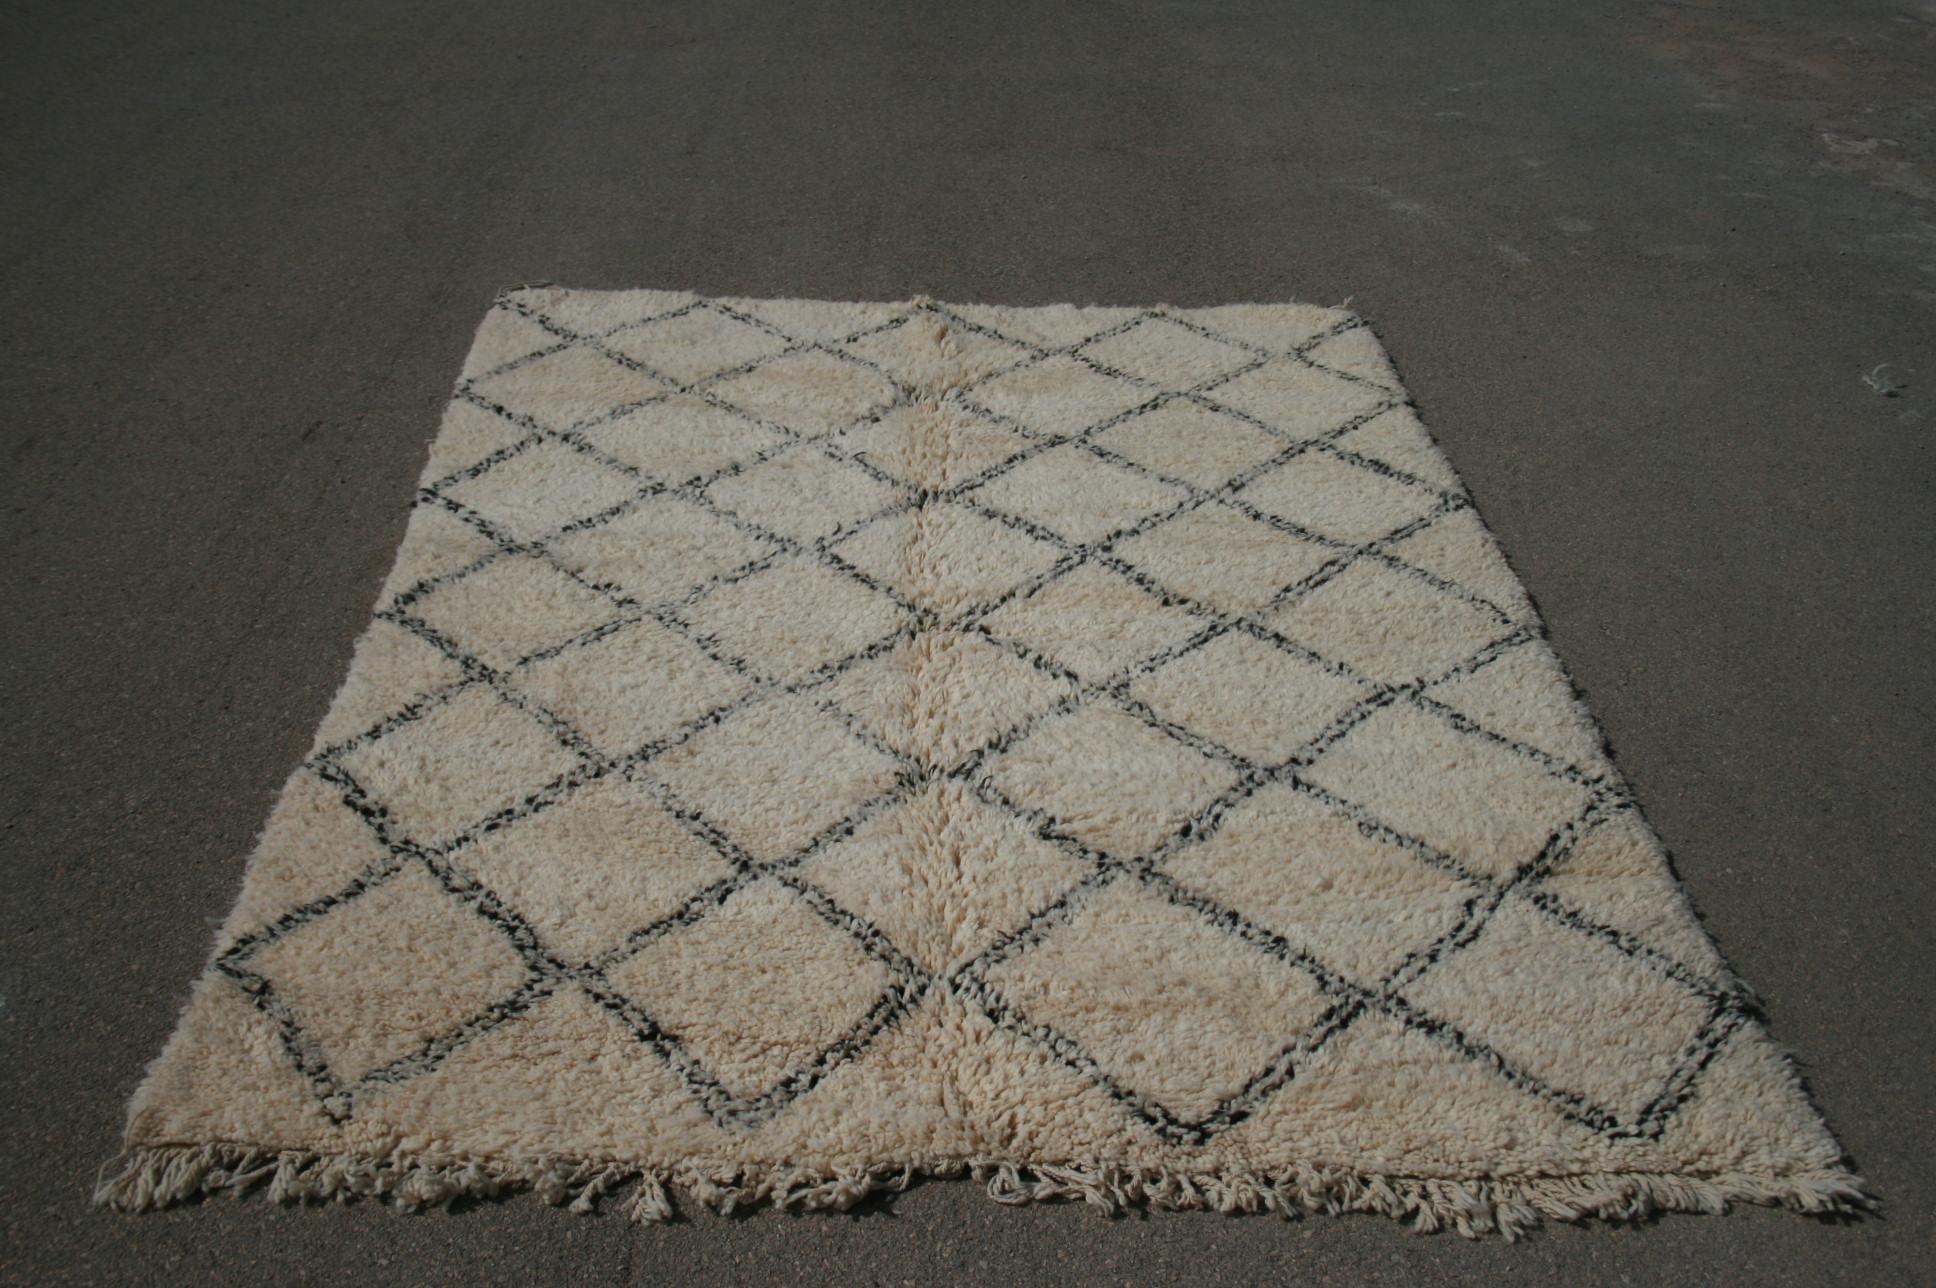 Beni Ouarain vloerkleed uit Marokko no 2590 (273cm x 197cm) Leverbaar vanaf 20 juli, nu bestelbaar.